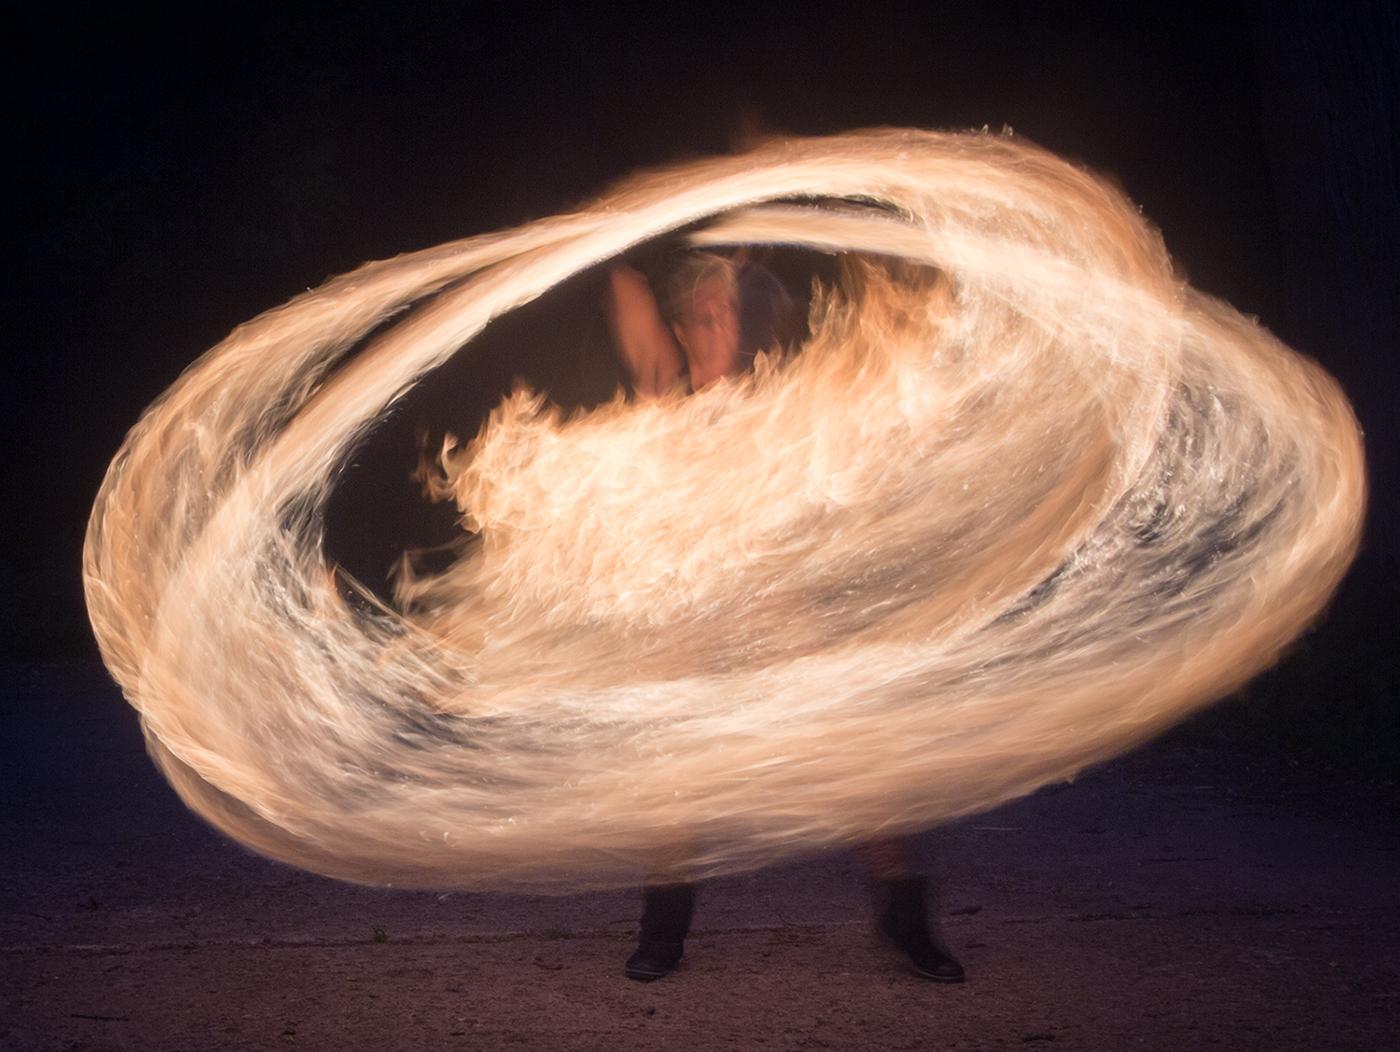 Fire Spiral - Digital (Action) - Bill Wesen